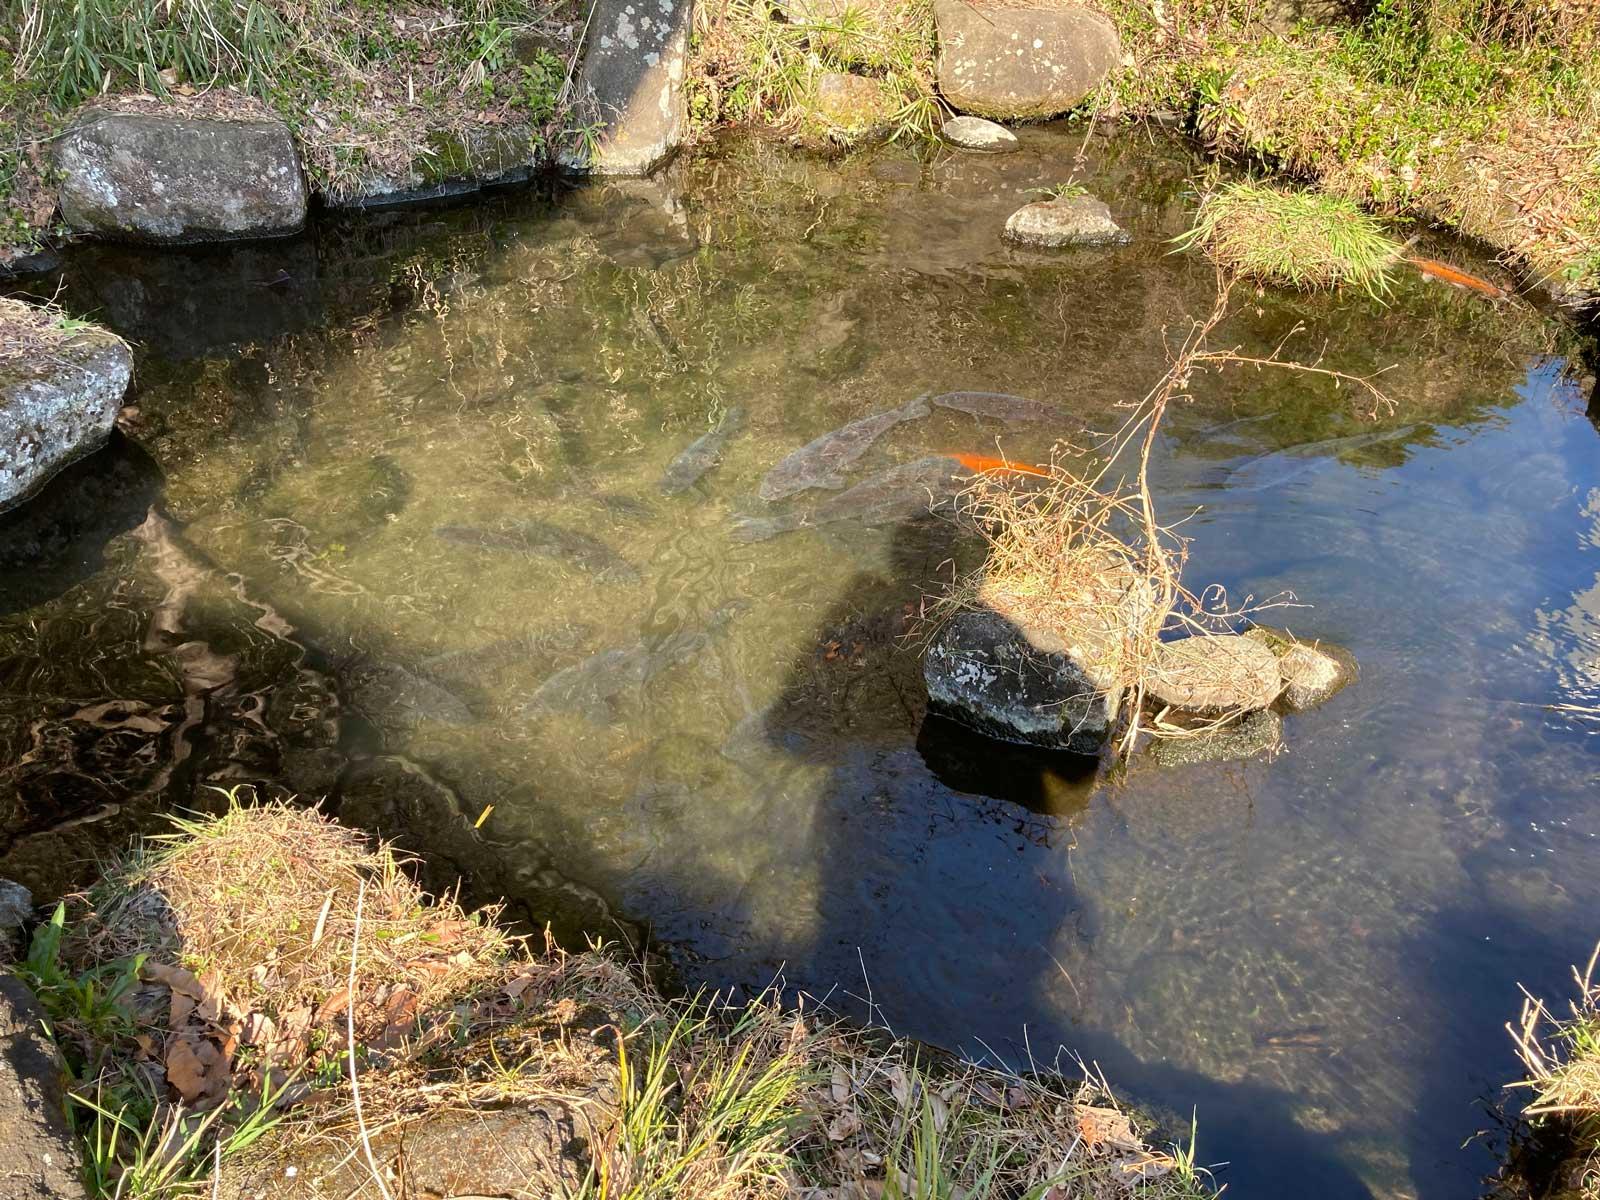 テラス席の横にある池には鯉がいます